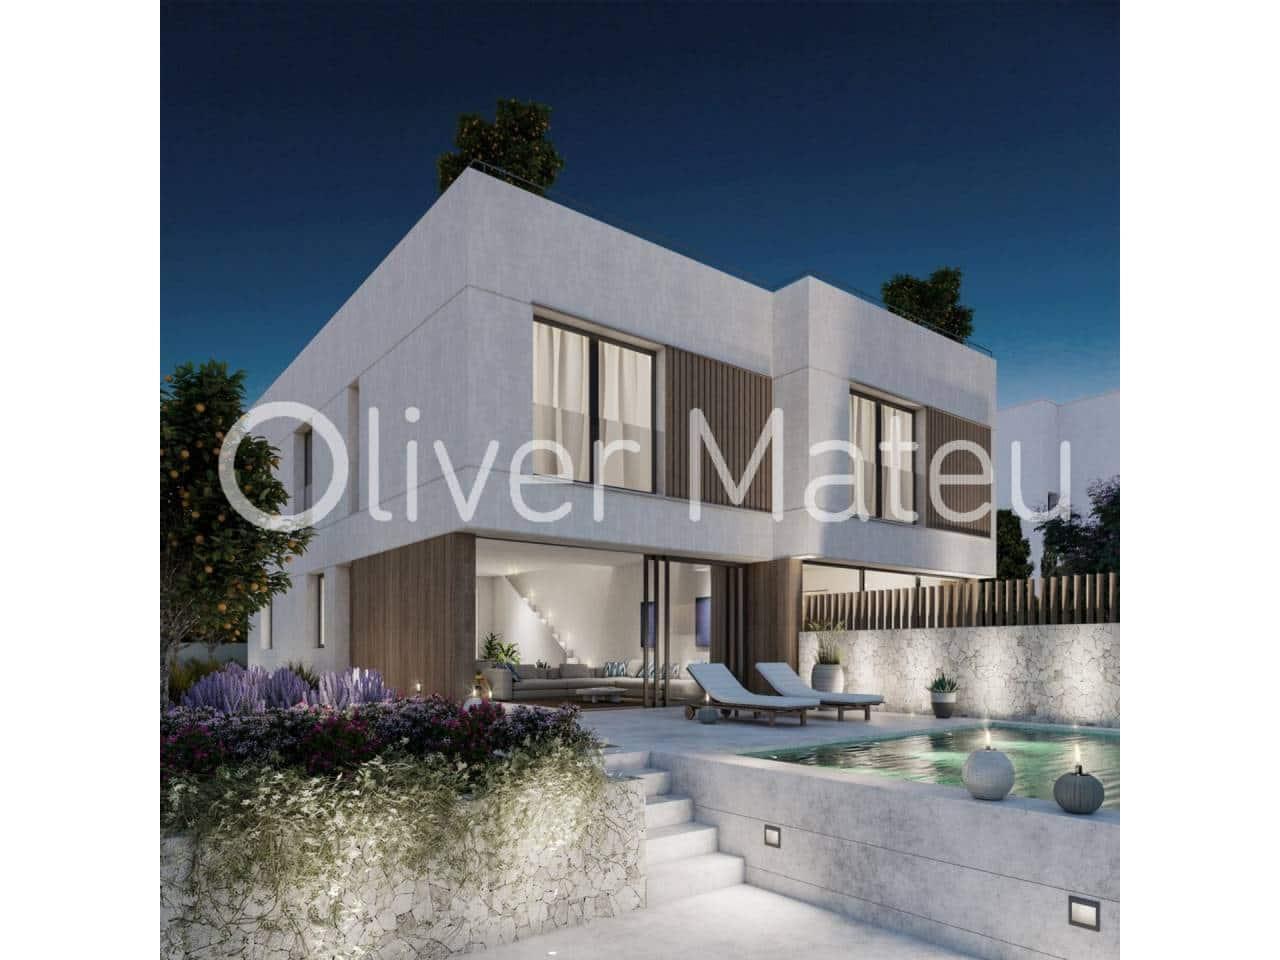 Adosado de 4 habitaciones en San Augustin / Sant Agustí en venta - 995.000 € (Ref: 5045700)